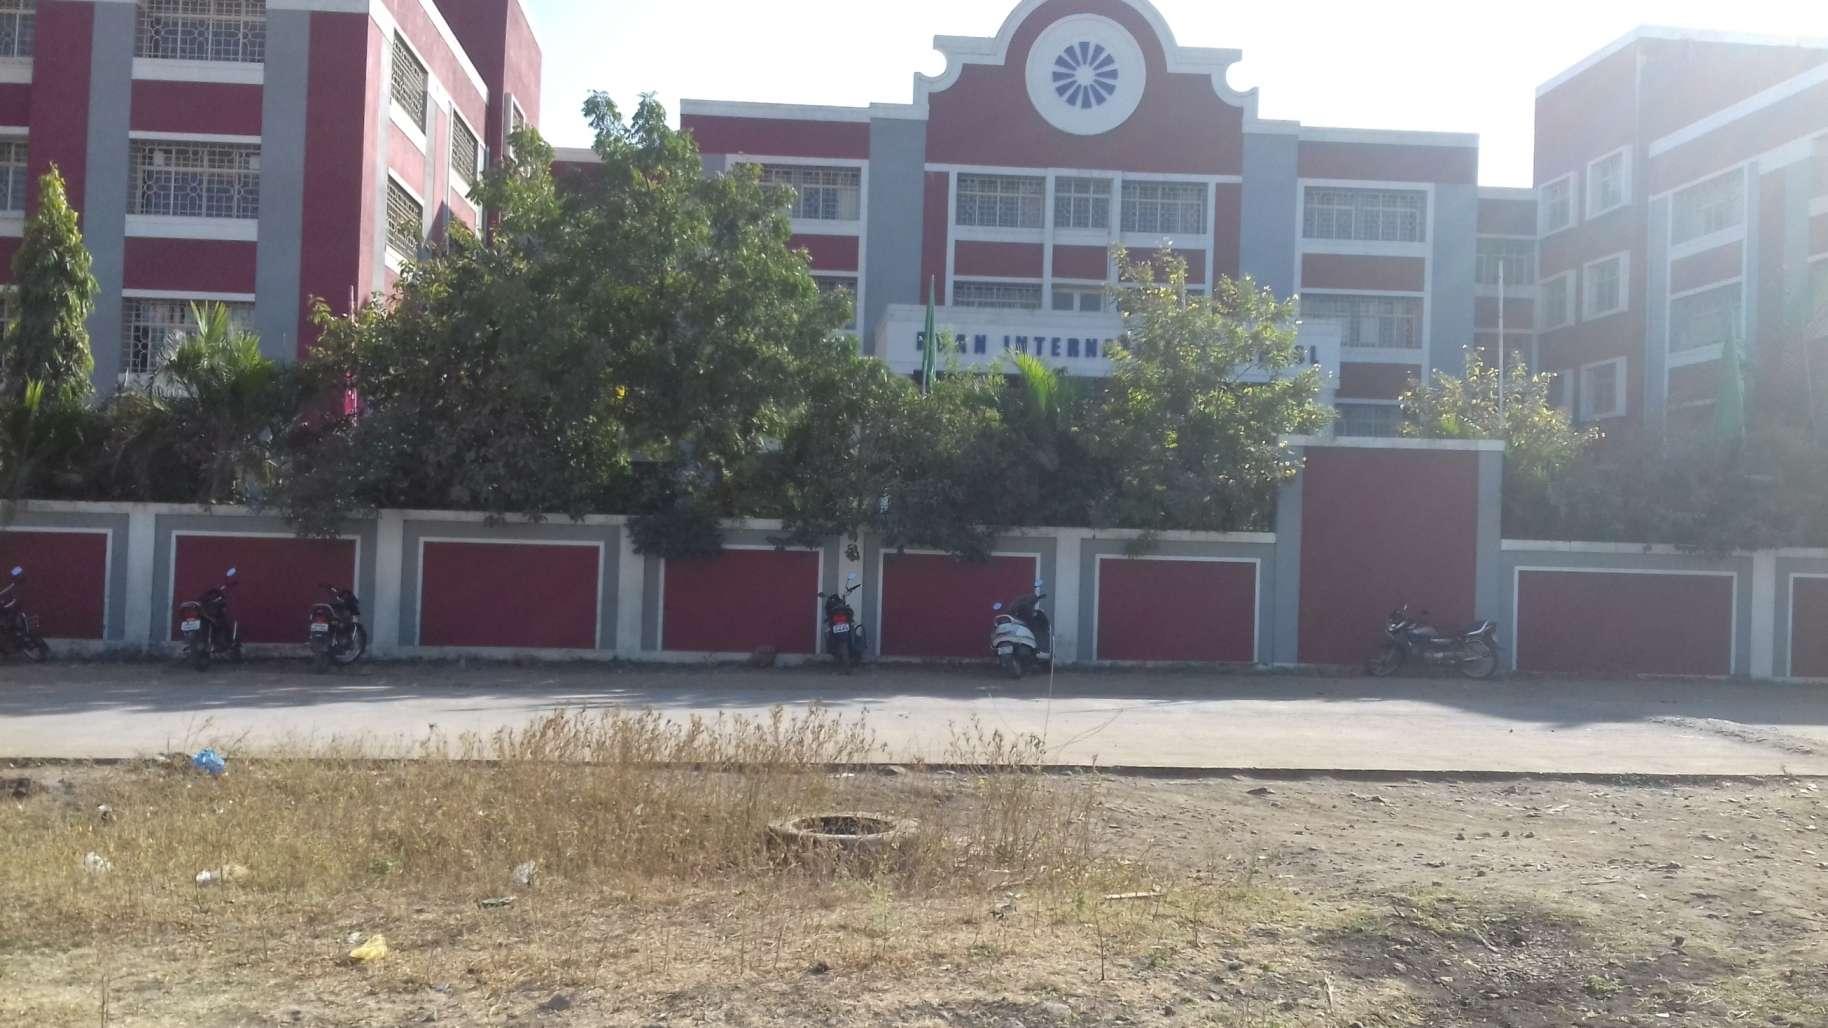 RYAN INTERNATIONAL SCHOOL INDORE MADHYA PRADESH 1030685